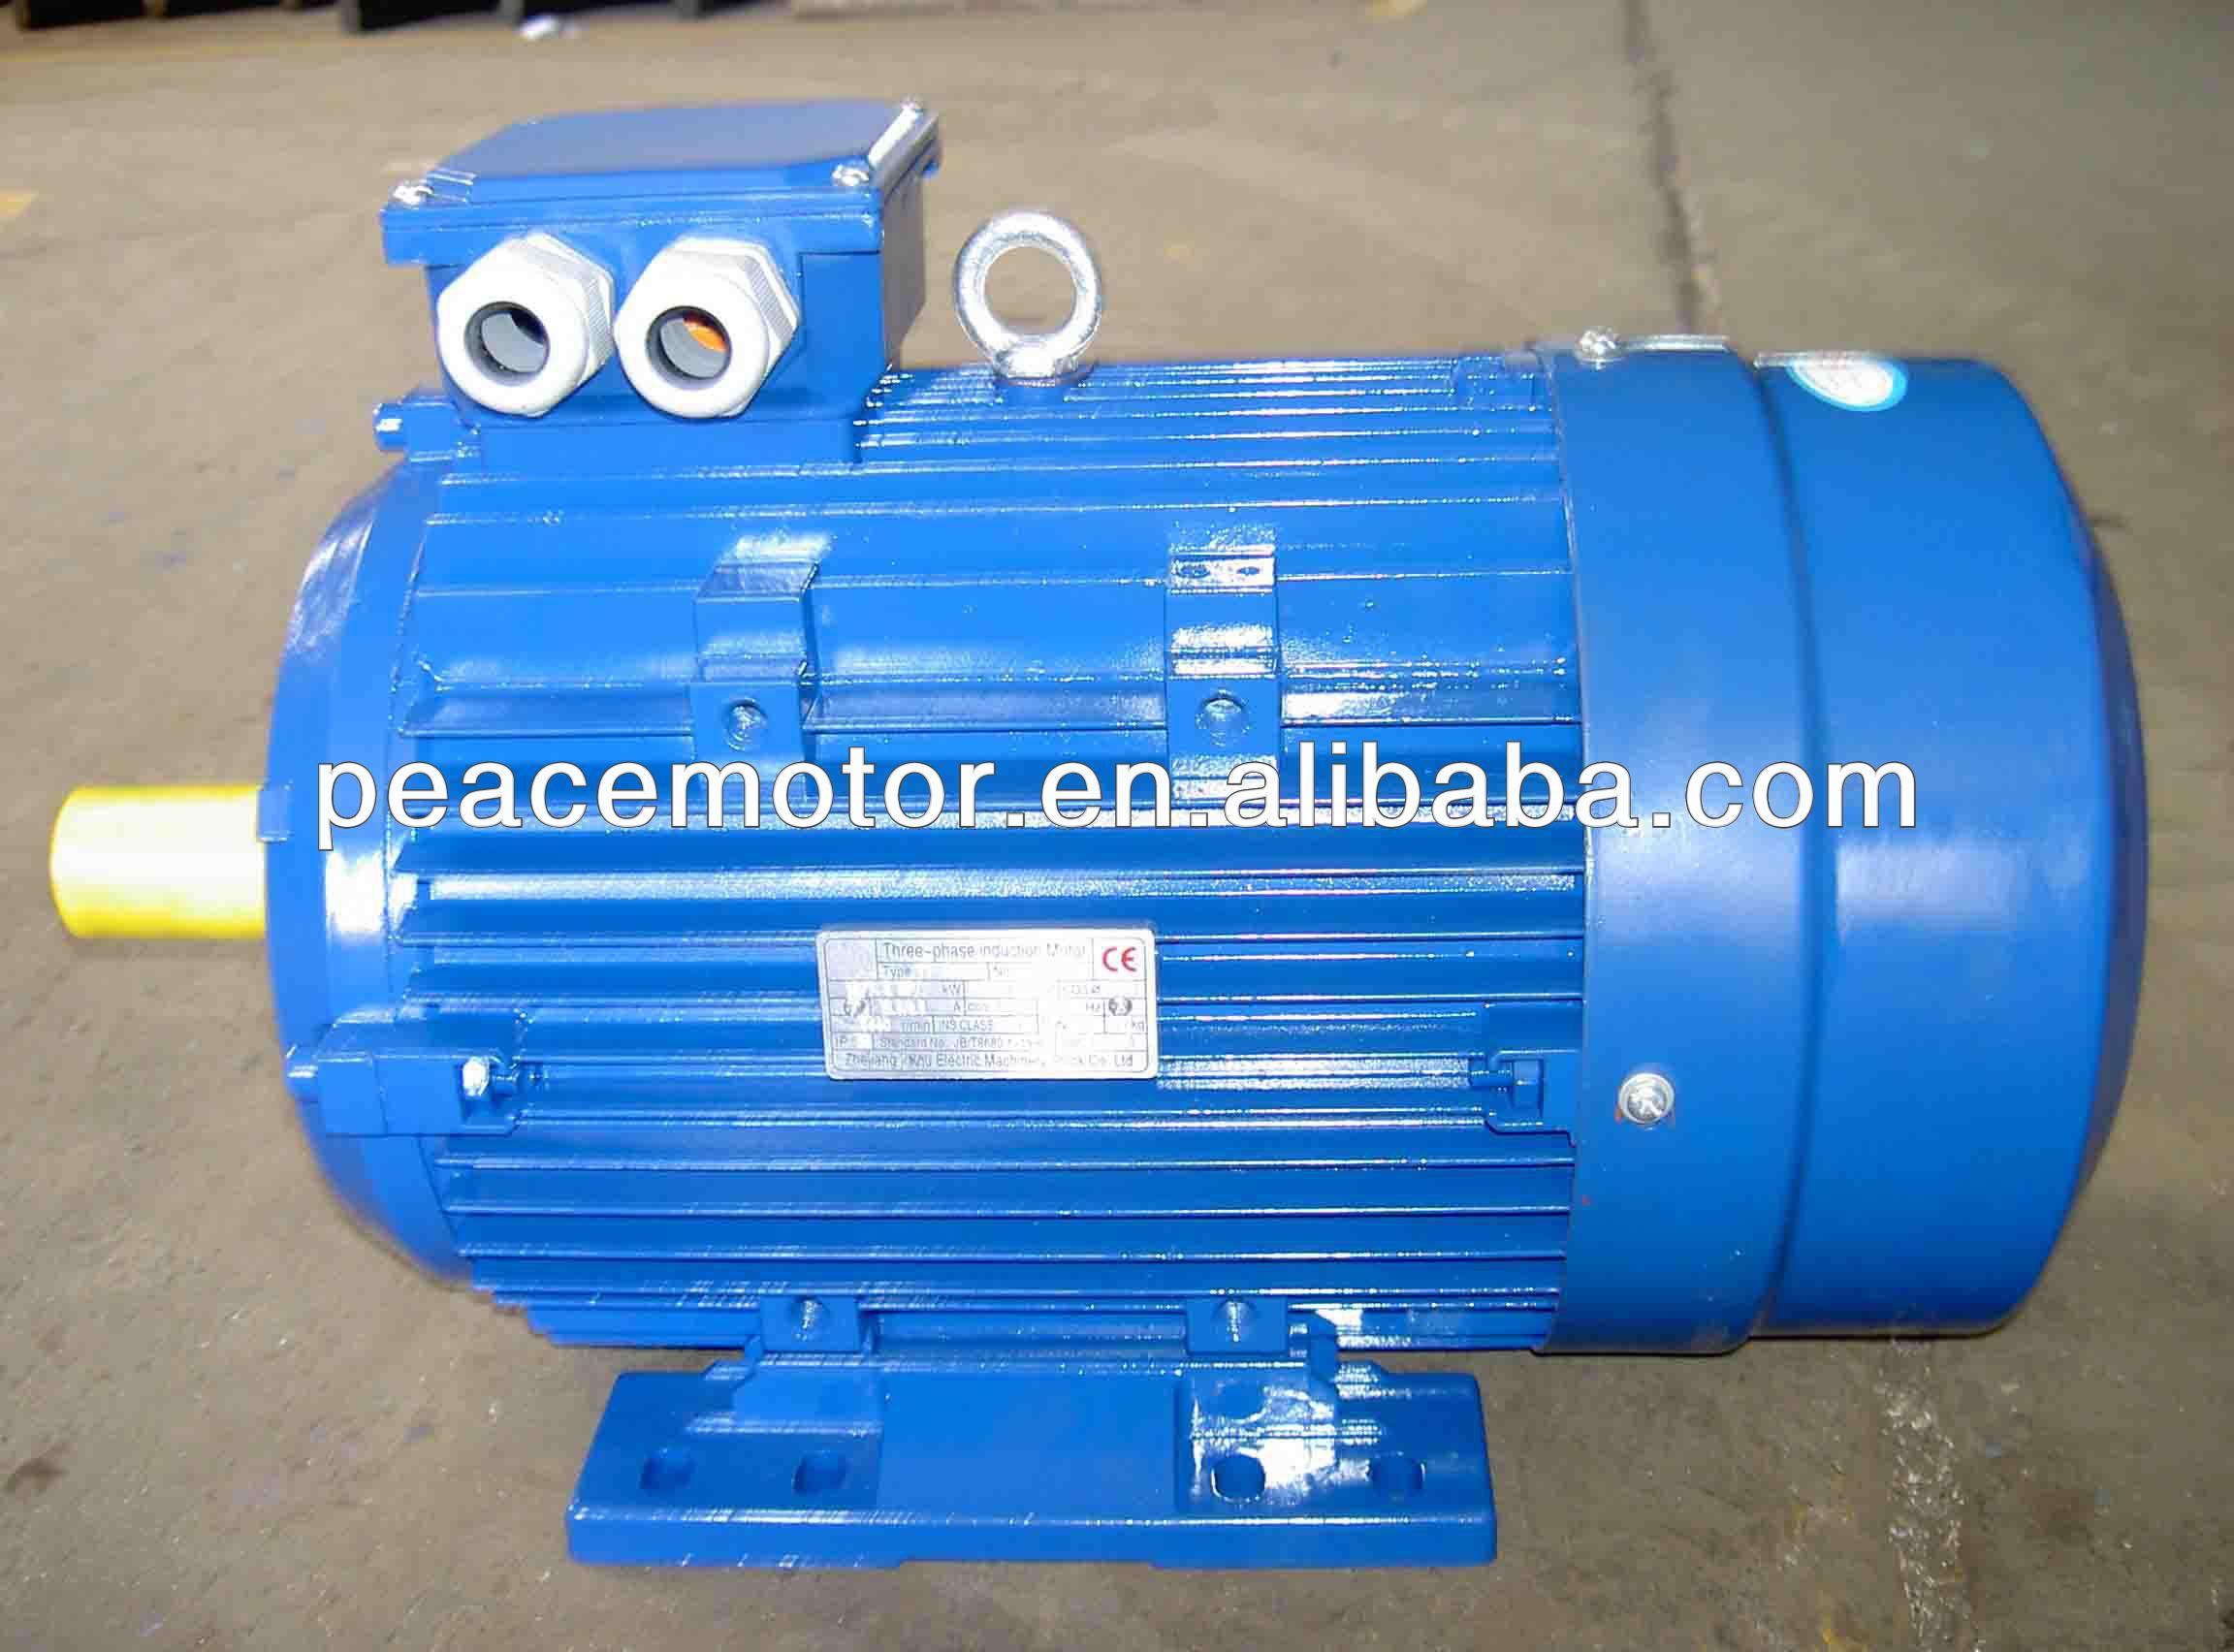 250v Ac Motor Run Capacitor 120uf Buy 250v Ac Motor Run